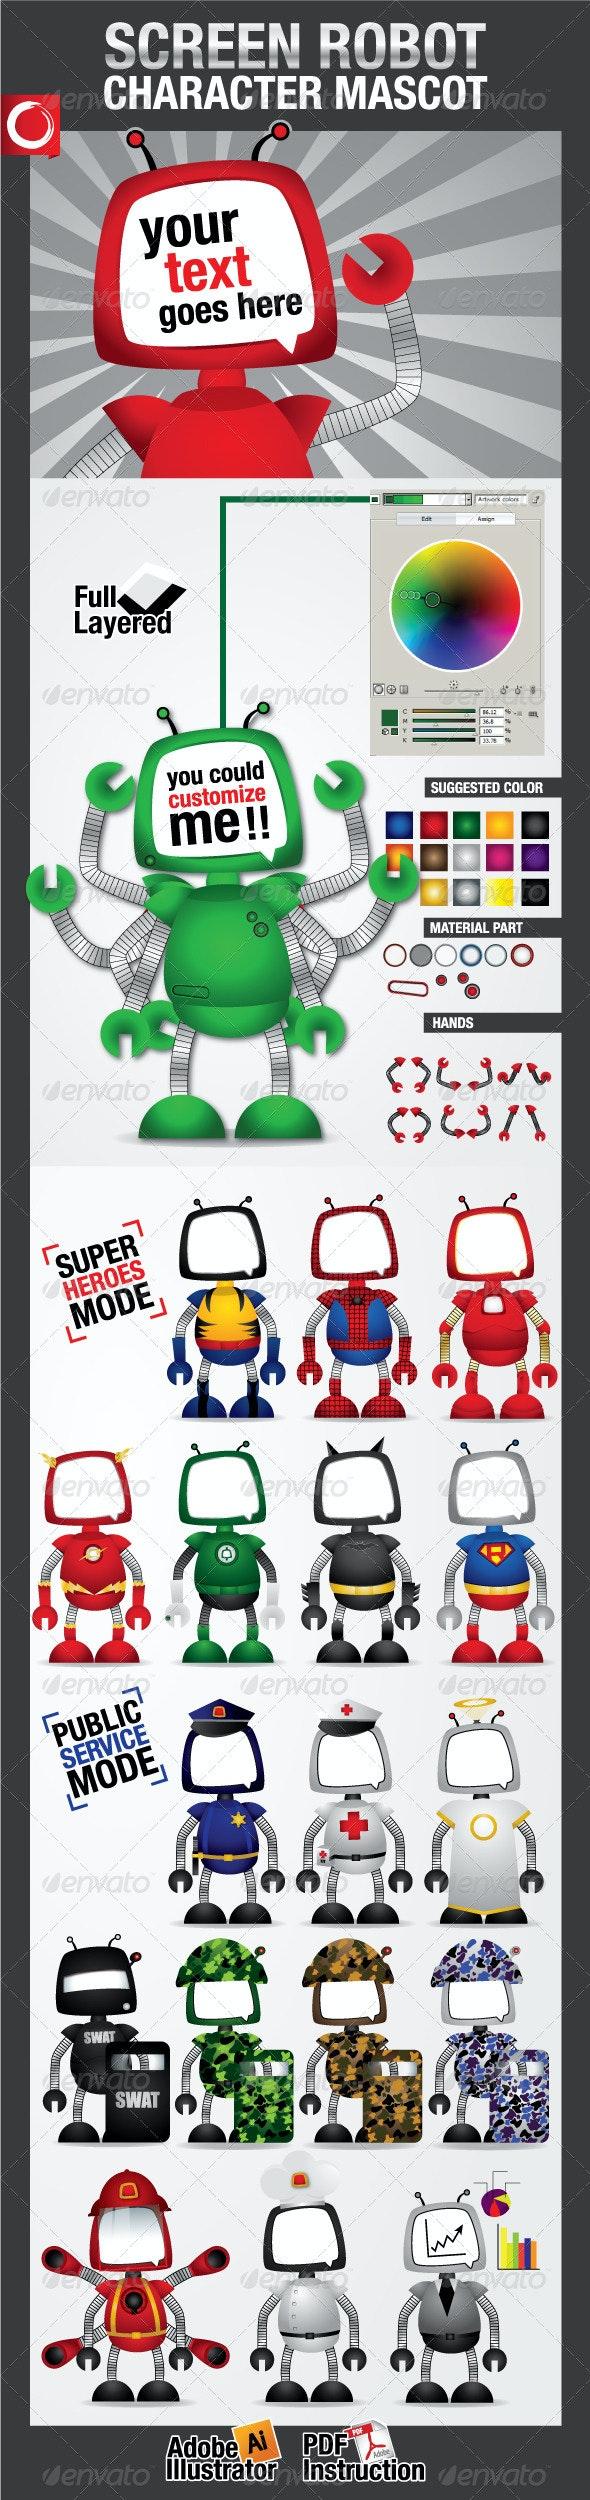 Screen Robot Character Mascot - Characters Vectors